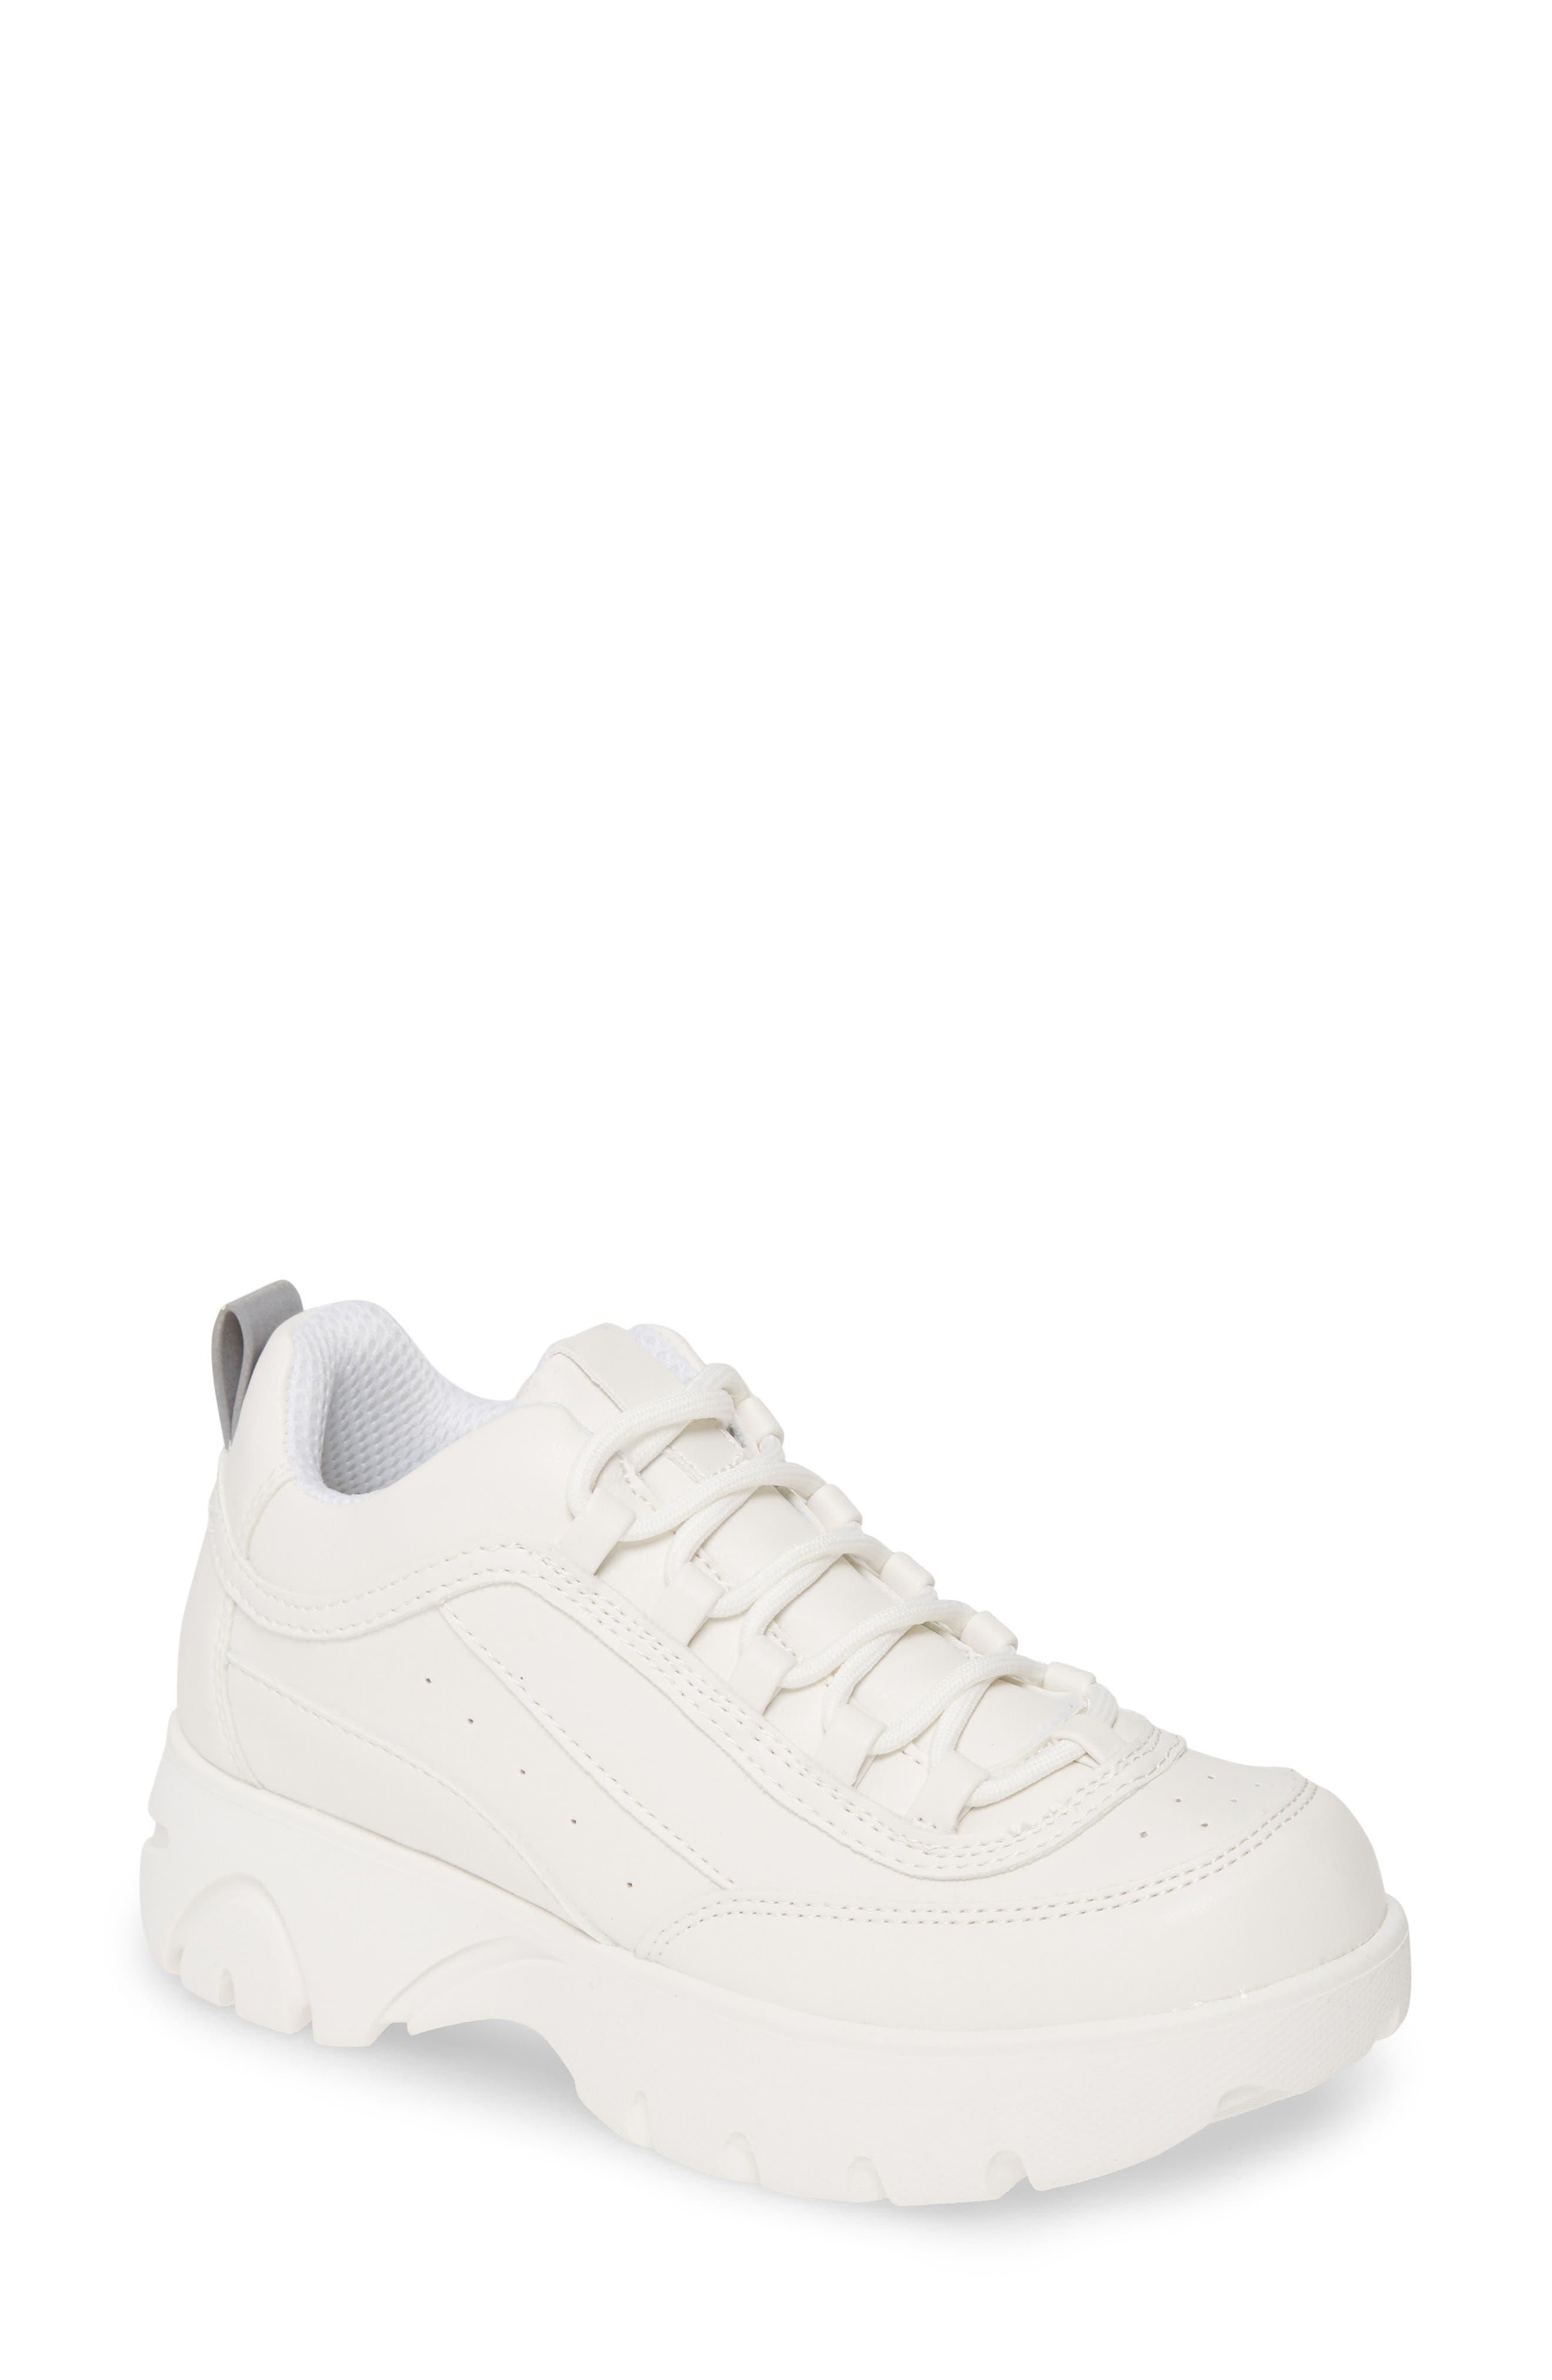 Steve Madden | Junior Sneaker | HauteLook